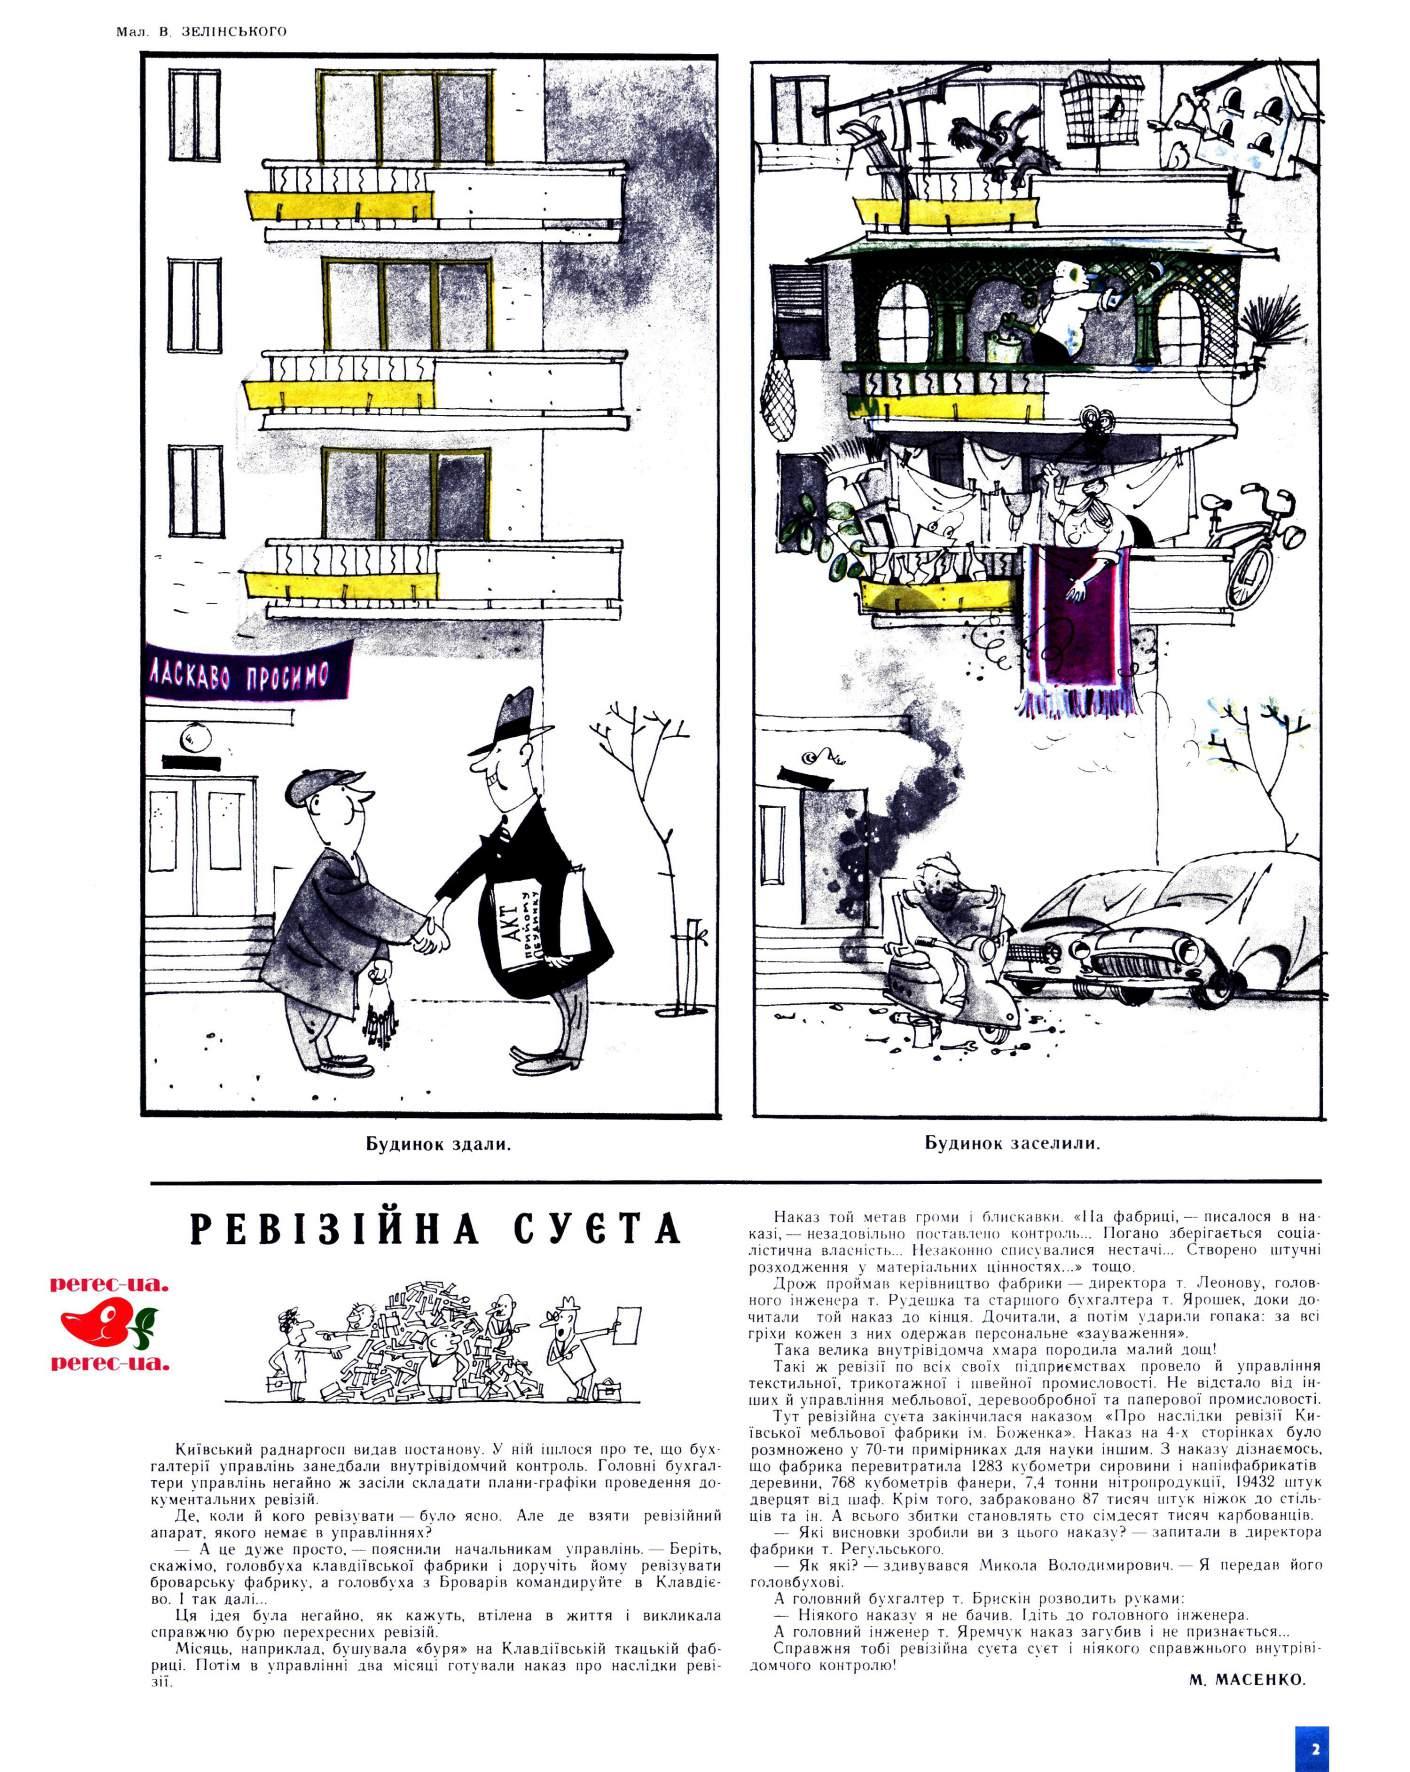 Журнал перець 1964 №11